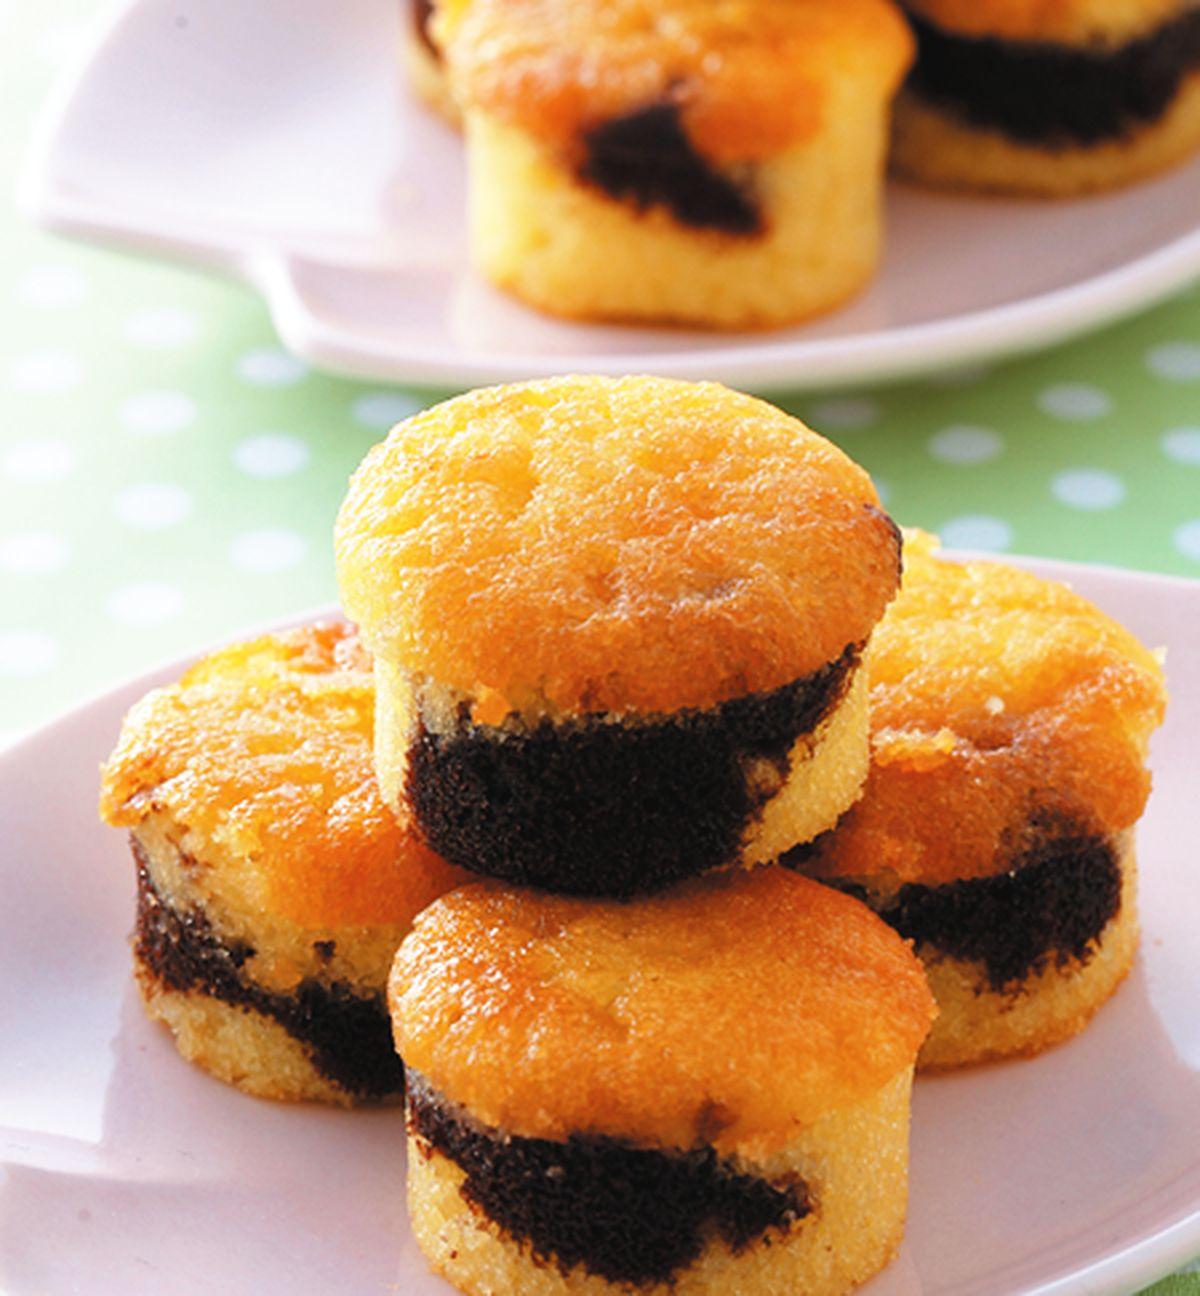 食譜:大理石貝尼蛋糕